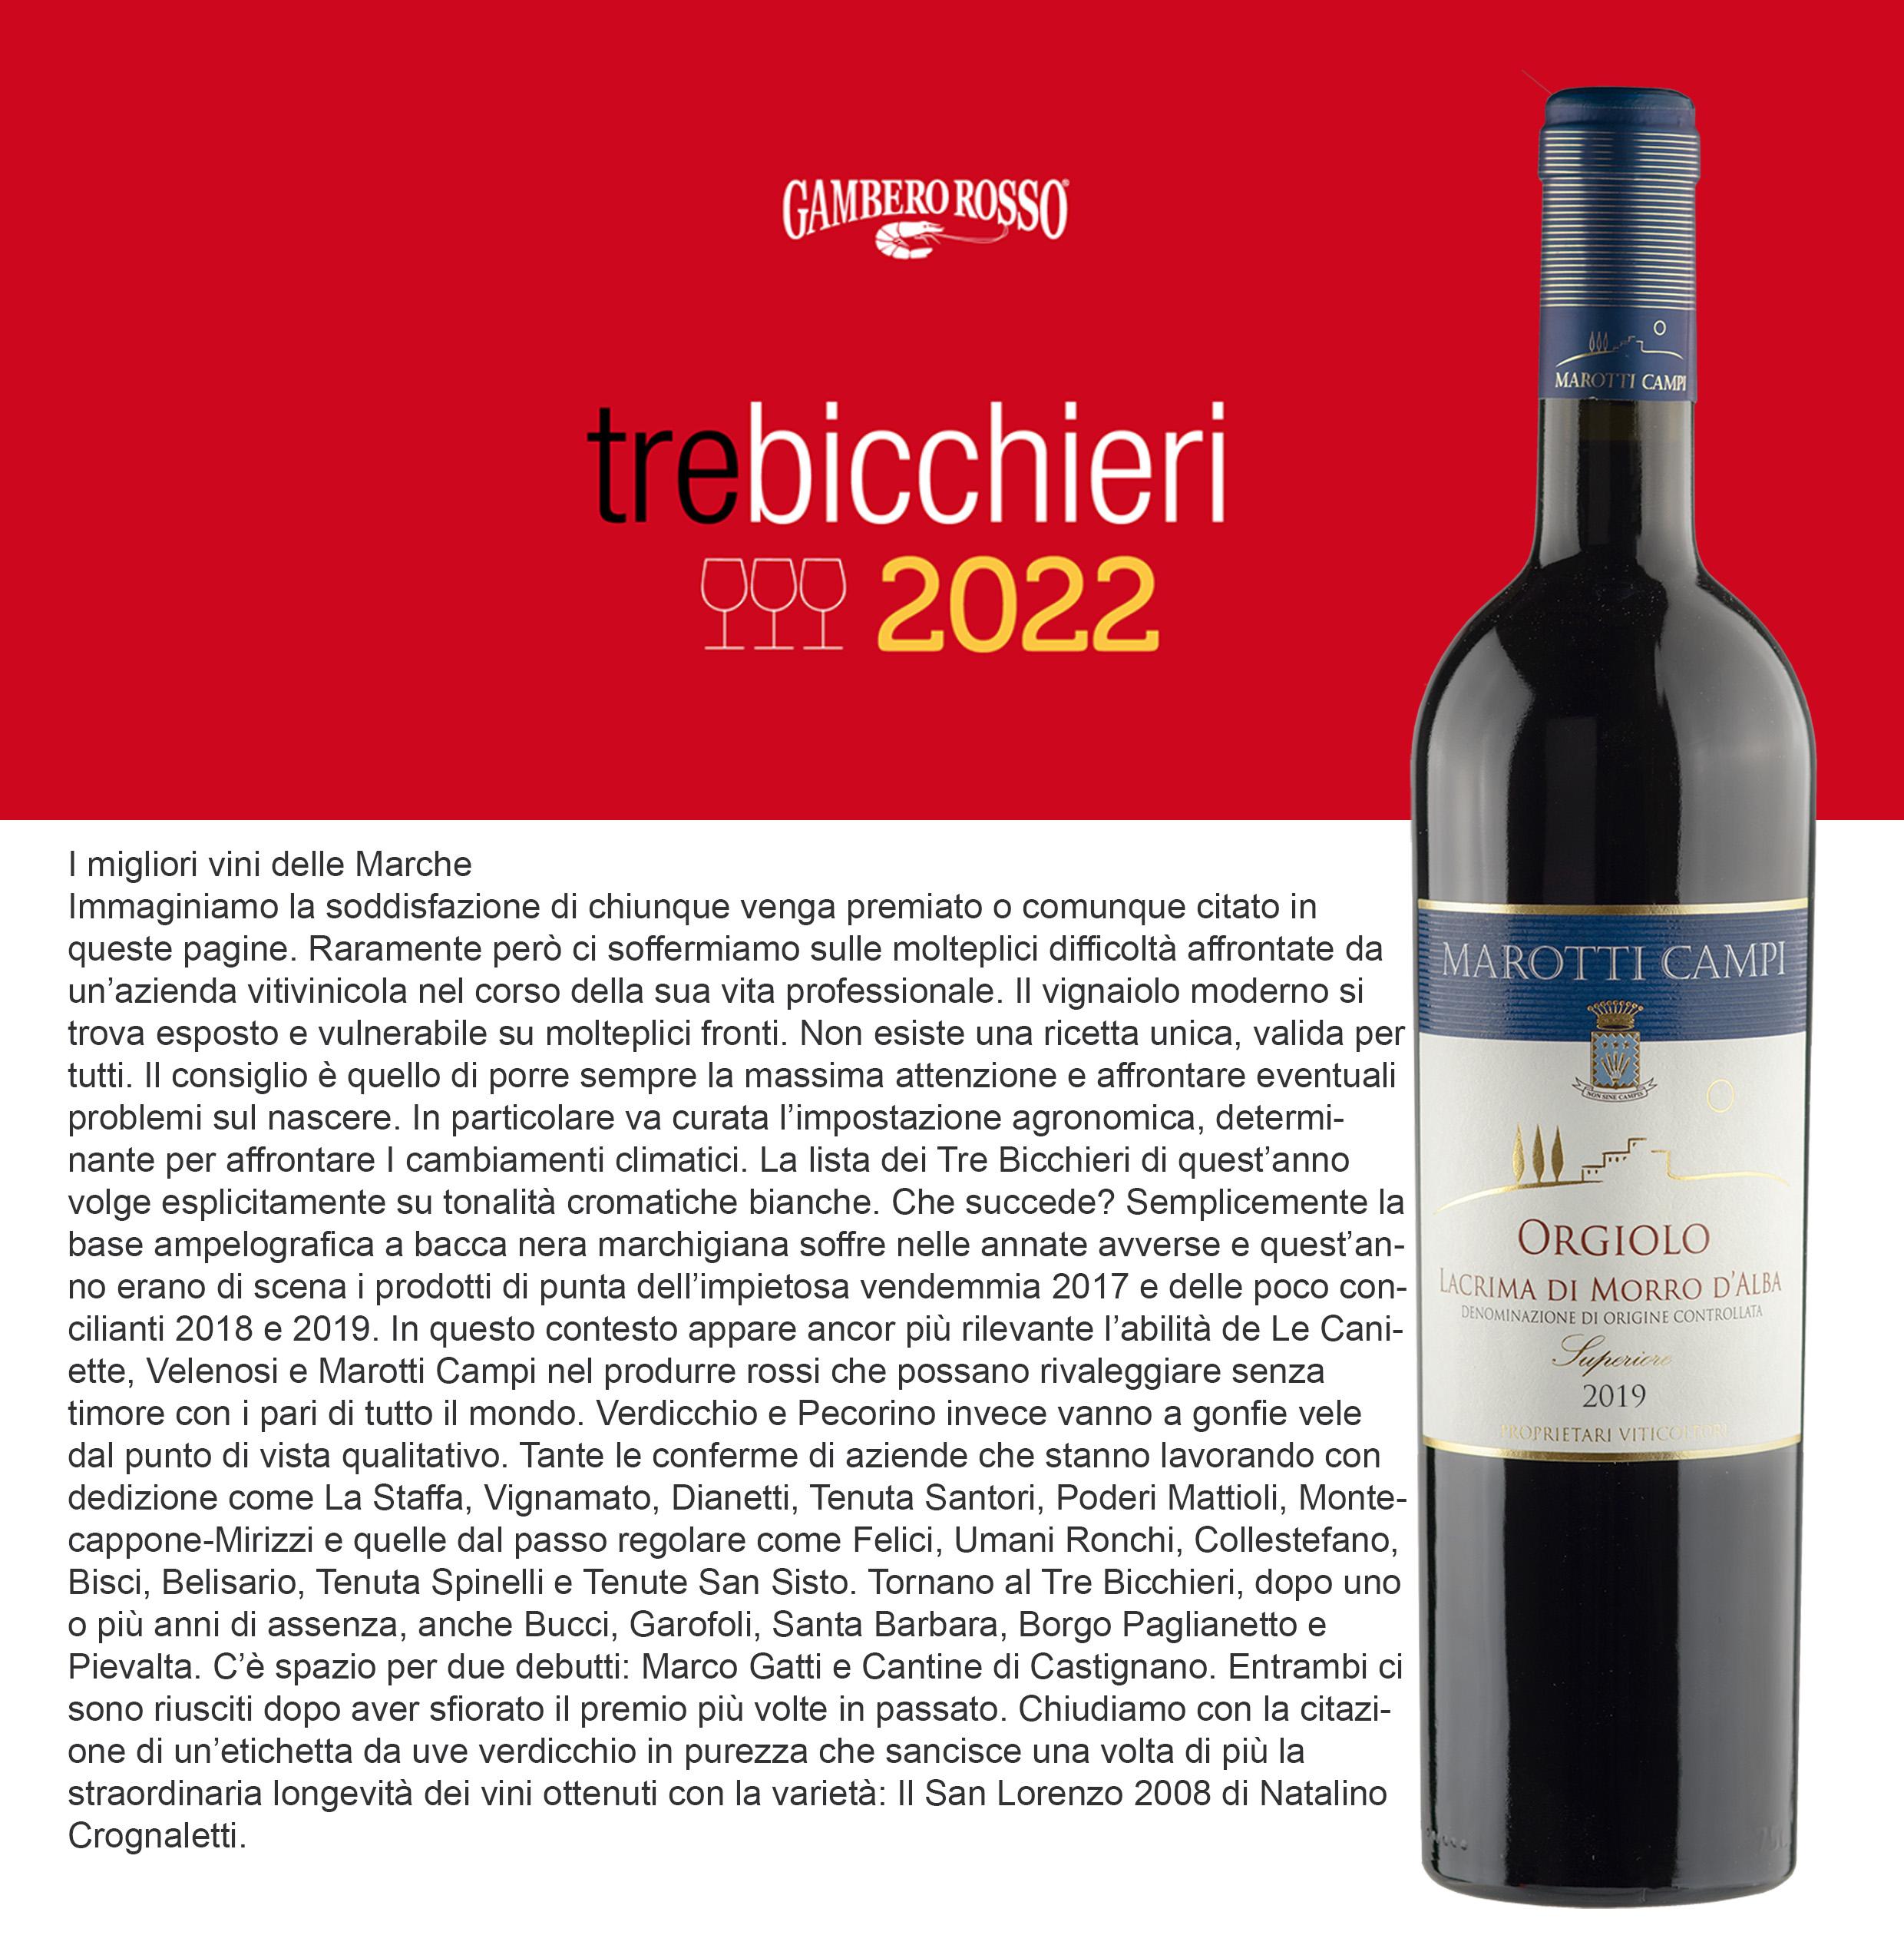 Orgiolo-Lacrima-di-Morro-dAlba-Tre-Bicchieri-Gambero-Rosso-2022.j